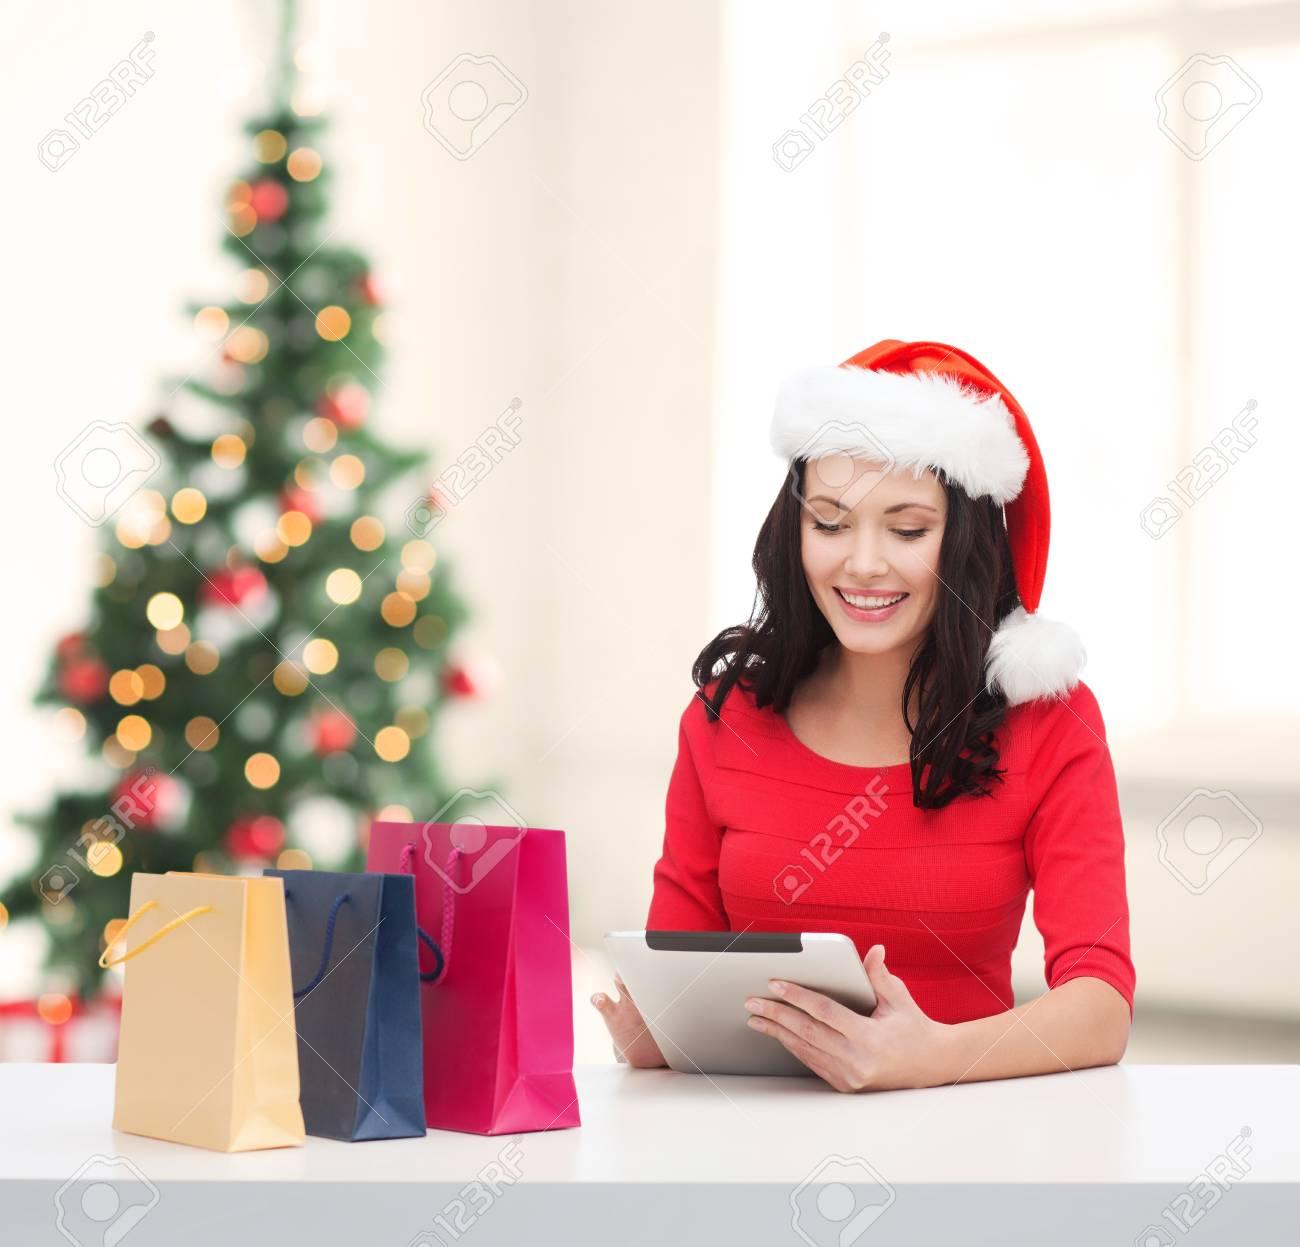 Weihnachten, Weihnachten, Online-Shopping-Konzept - Lächelnde Frau ...